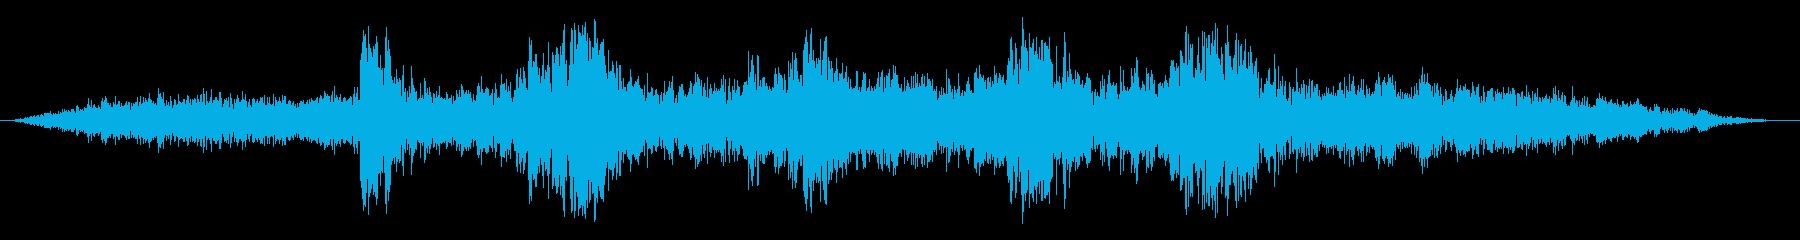 ダークなアンビエント ブラス無30秒版の再生済みの波形